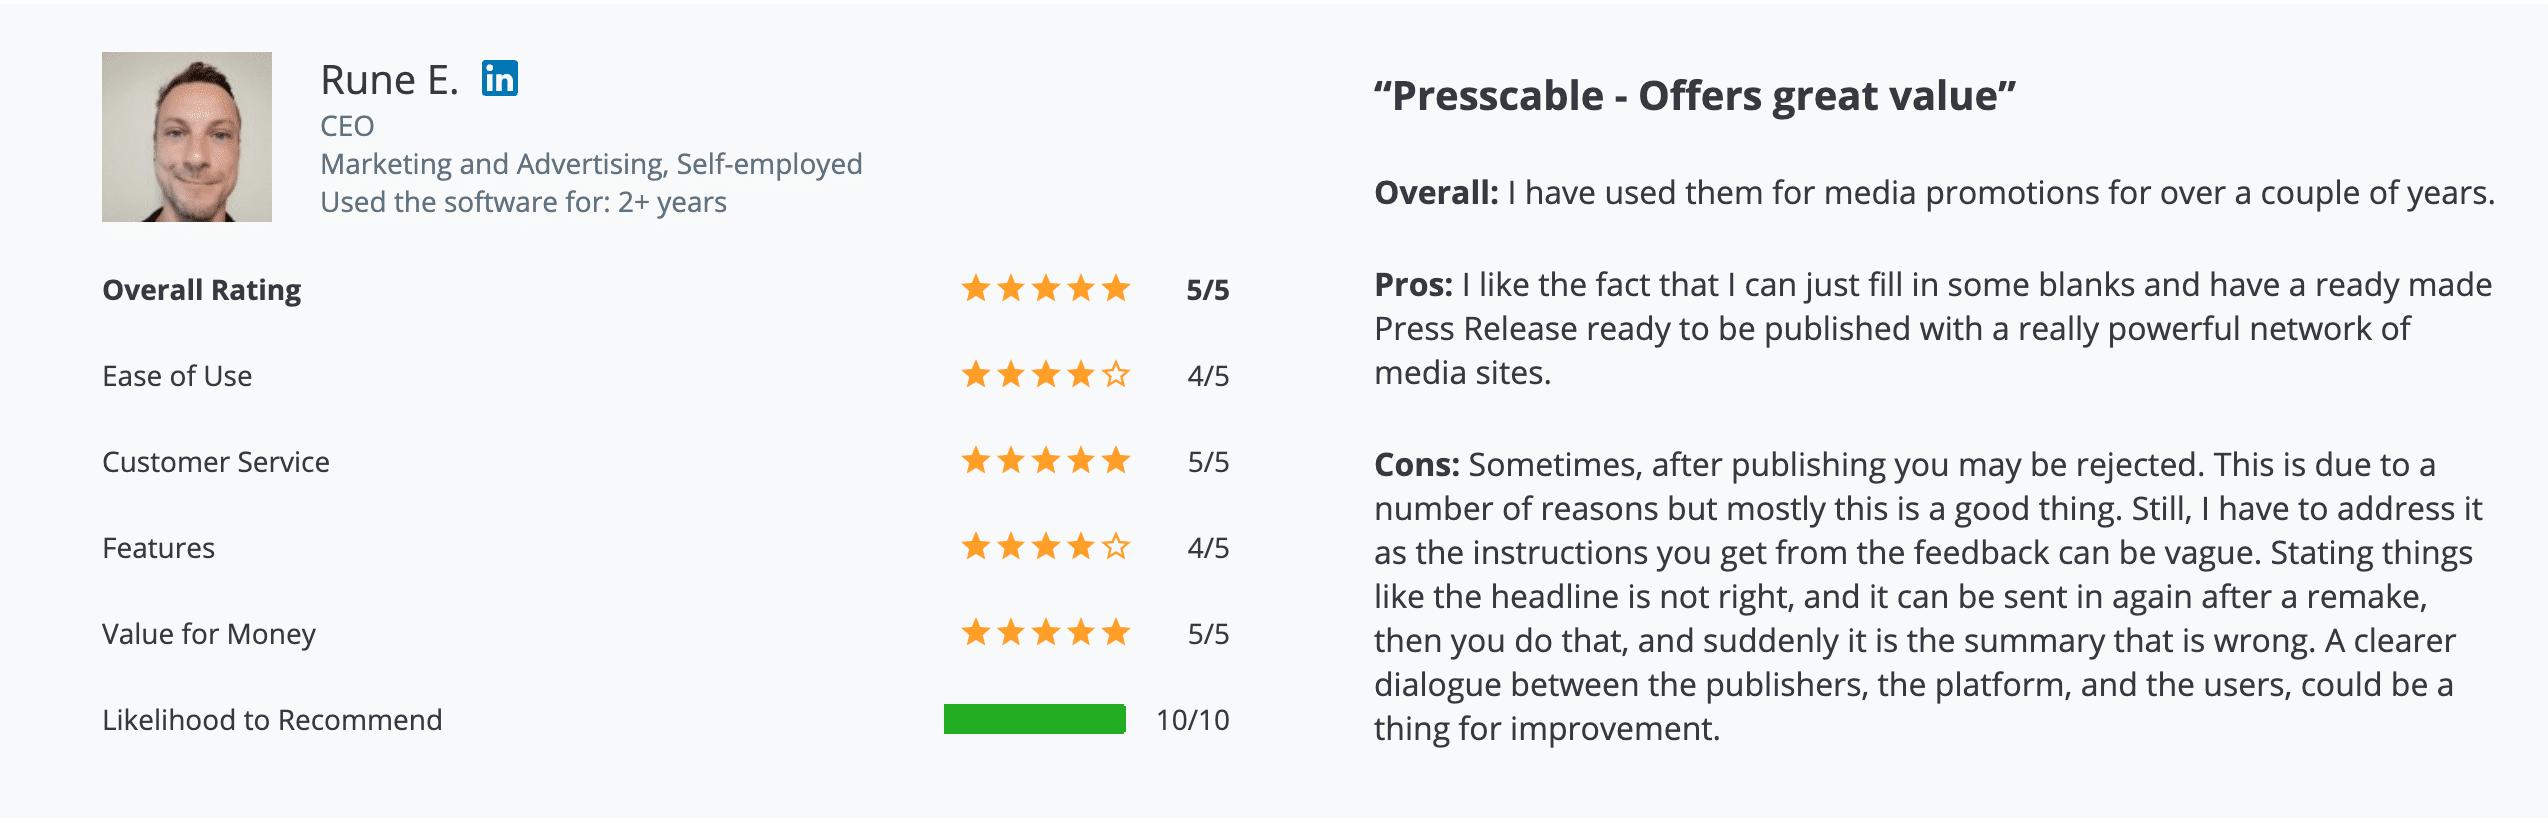 Asigo System Review - PressCable